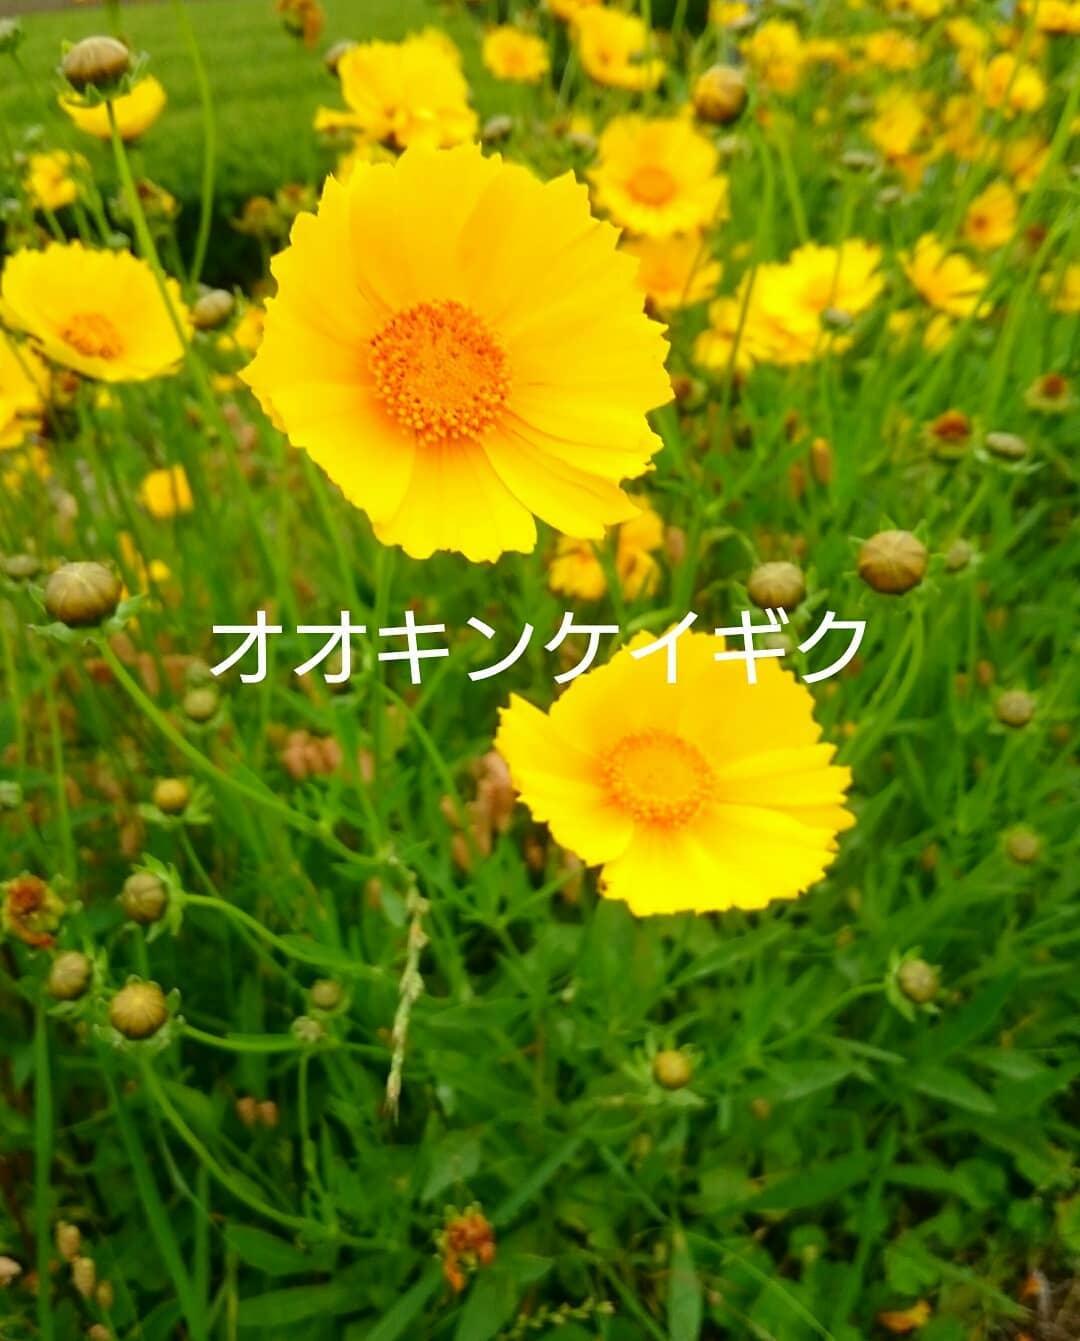 ☆キレイな花でもダメなんです!